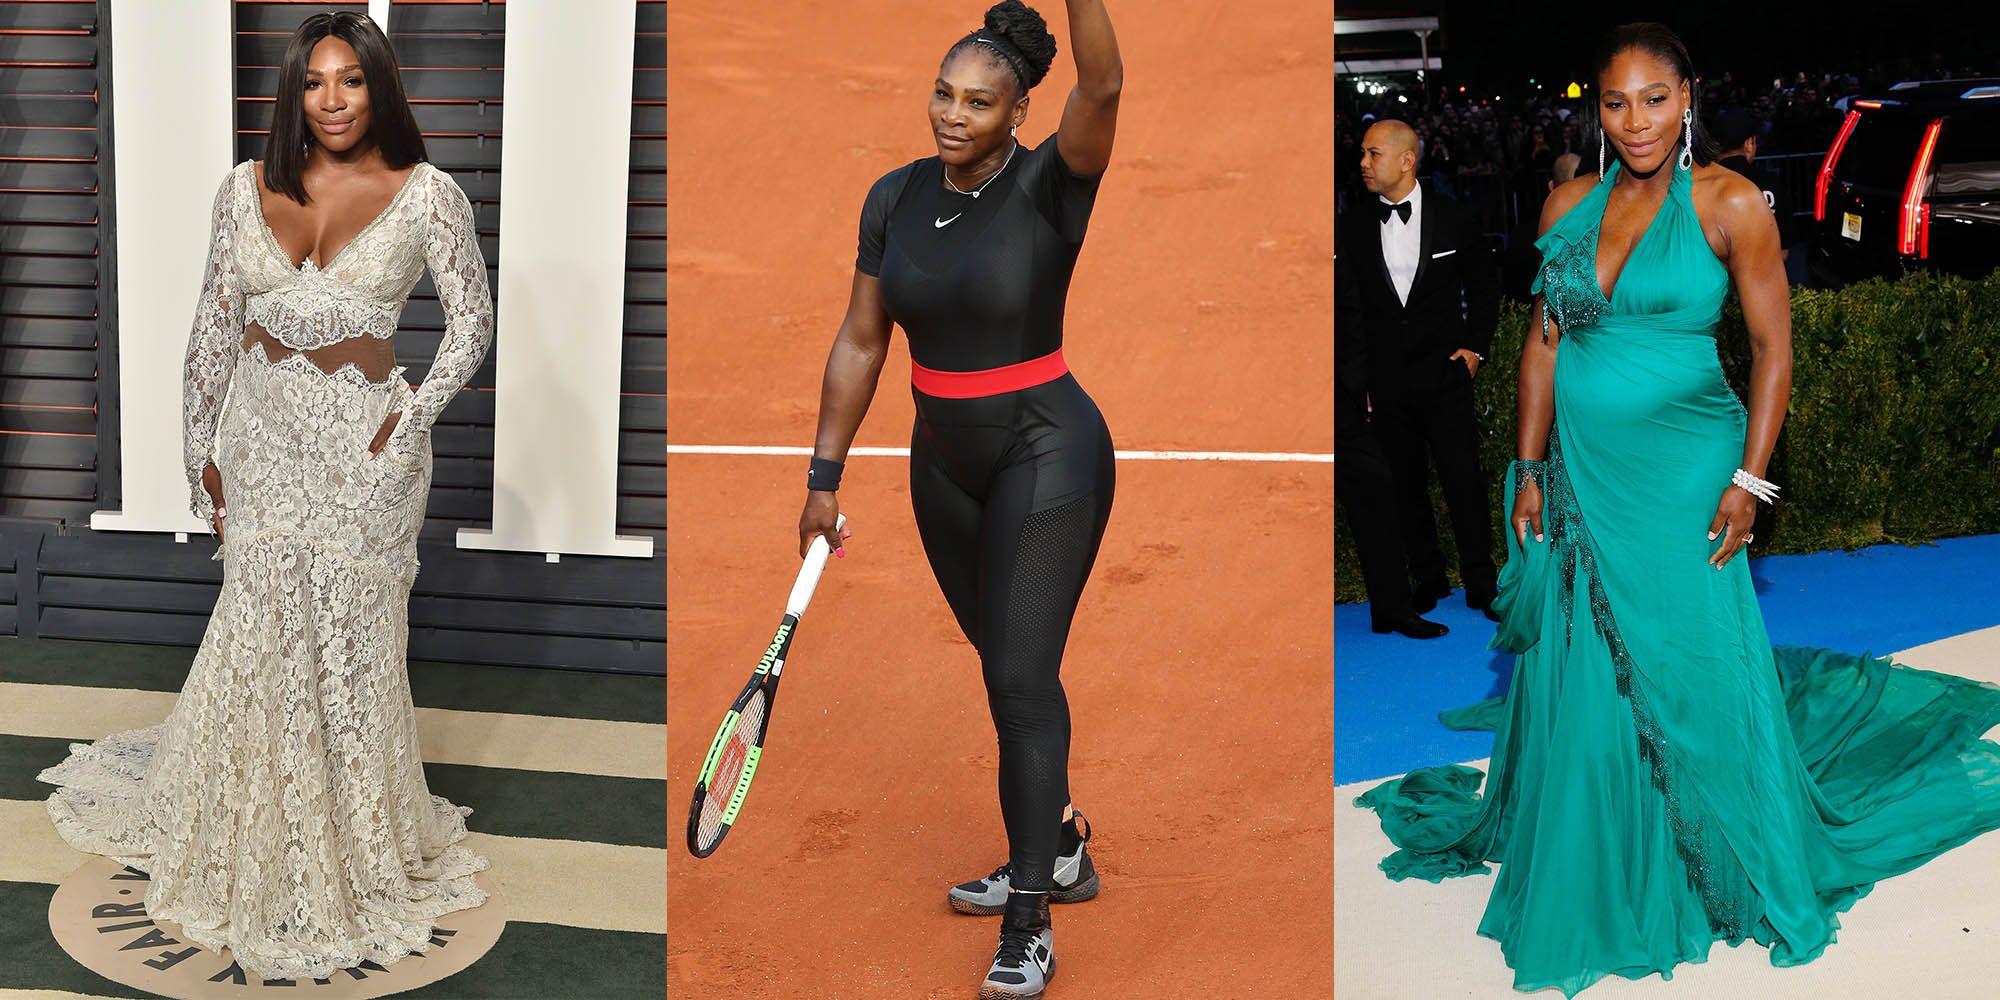 Serena Williams dating 2016 Salman Khan dating lulia vantur